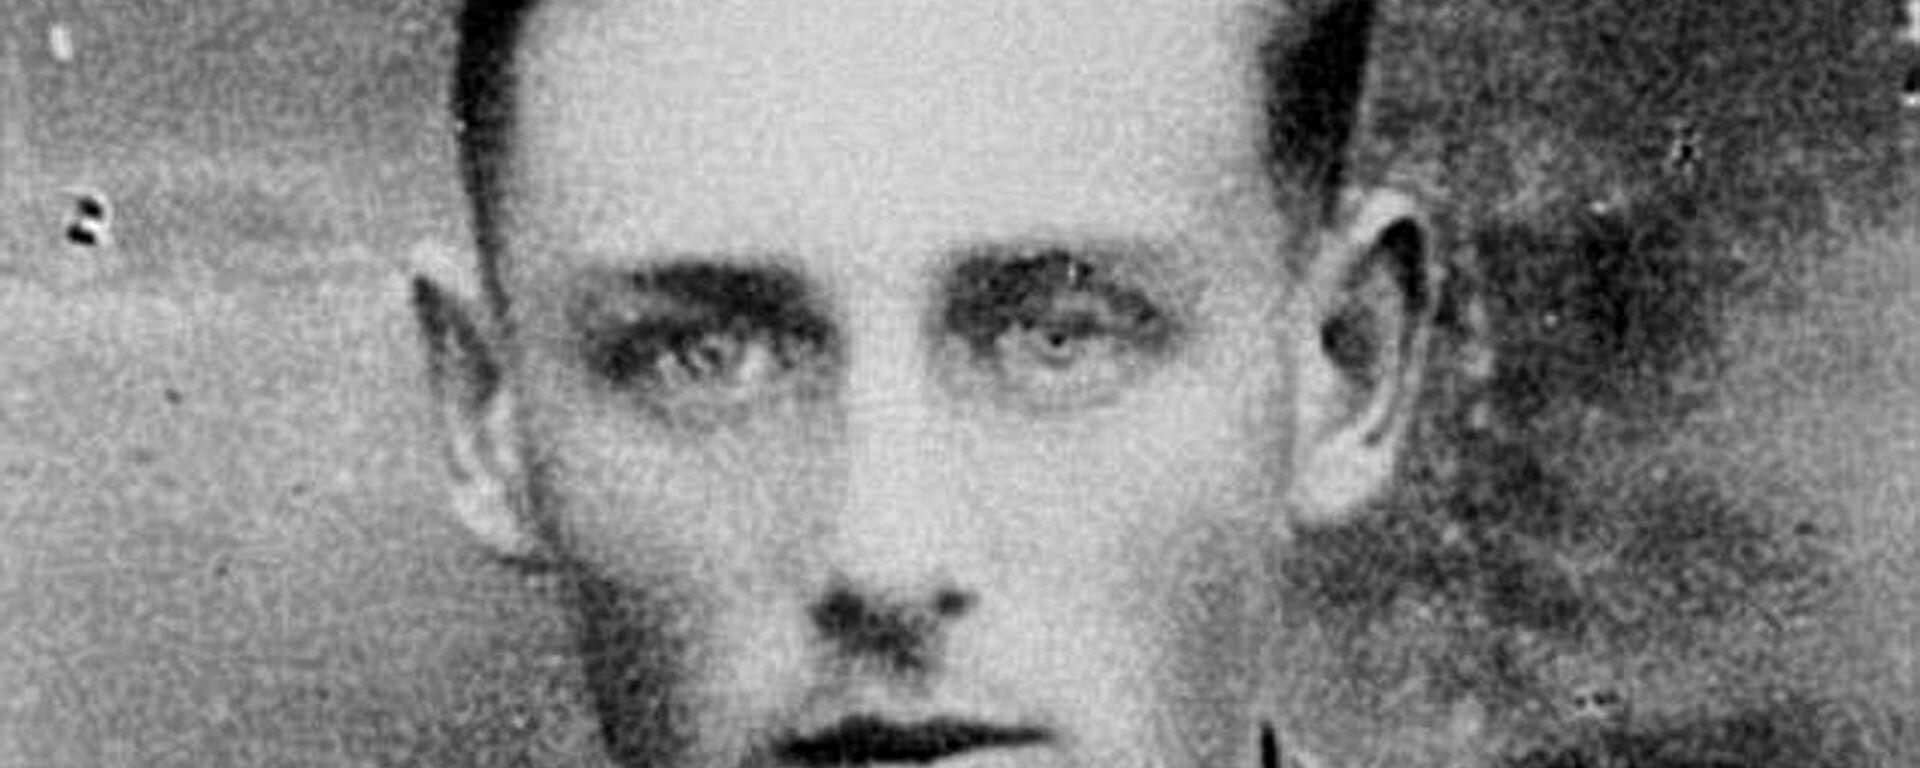 Helmut Oberlender, nacistički zločinac, bivši državljanin Kanade - Sputnik Srbija, 1920, 25.12.2020